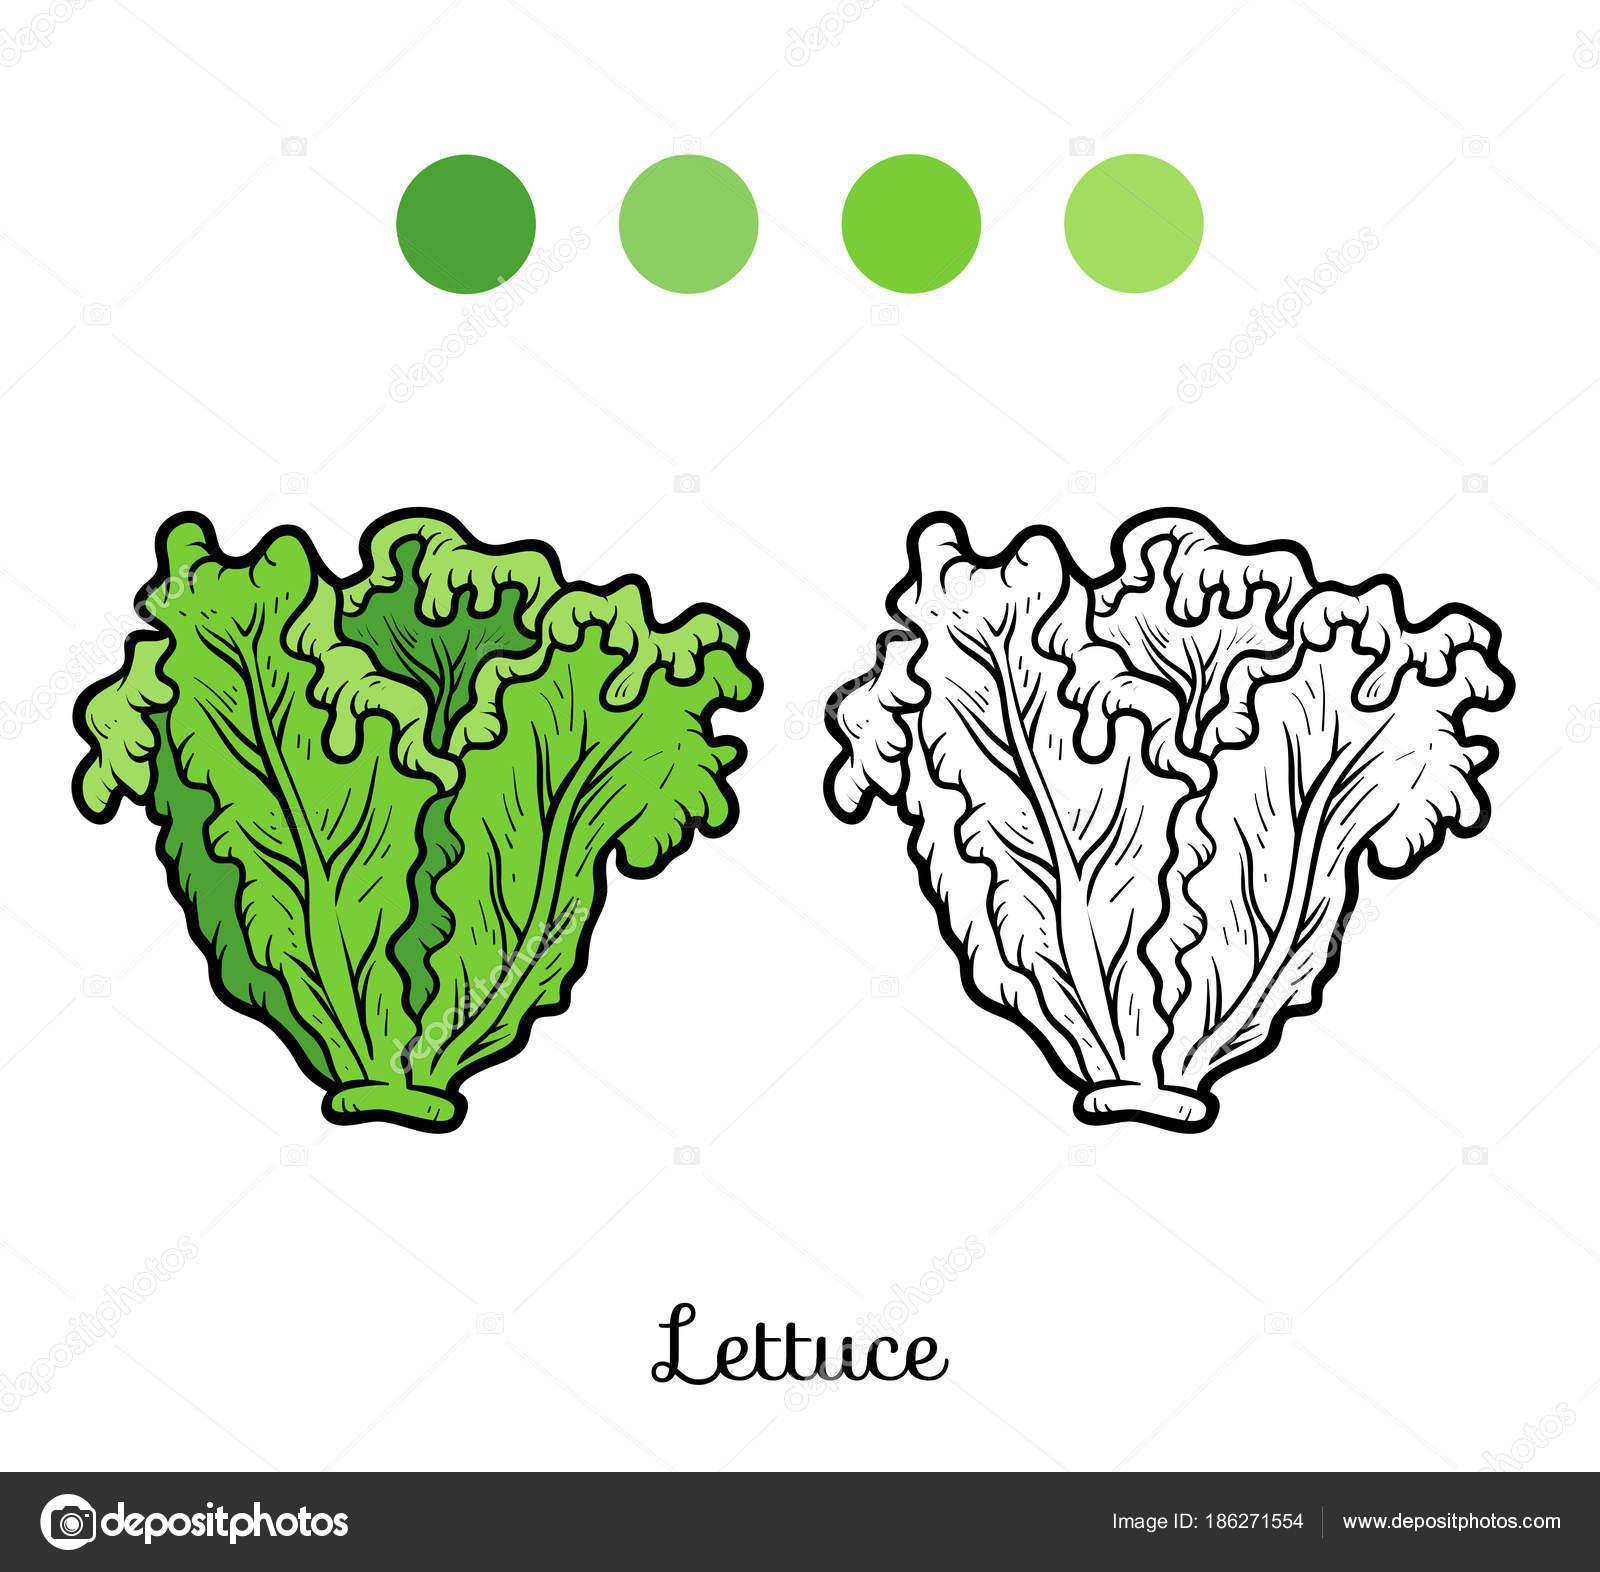 Coloring book, Lettuce — Stock Vector © ksenya_savva #186271554